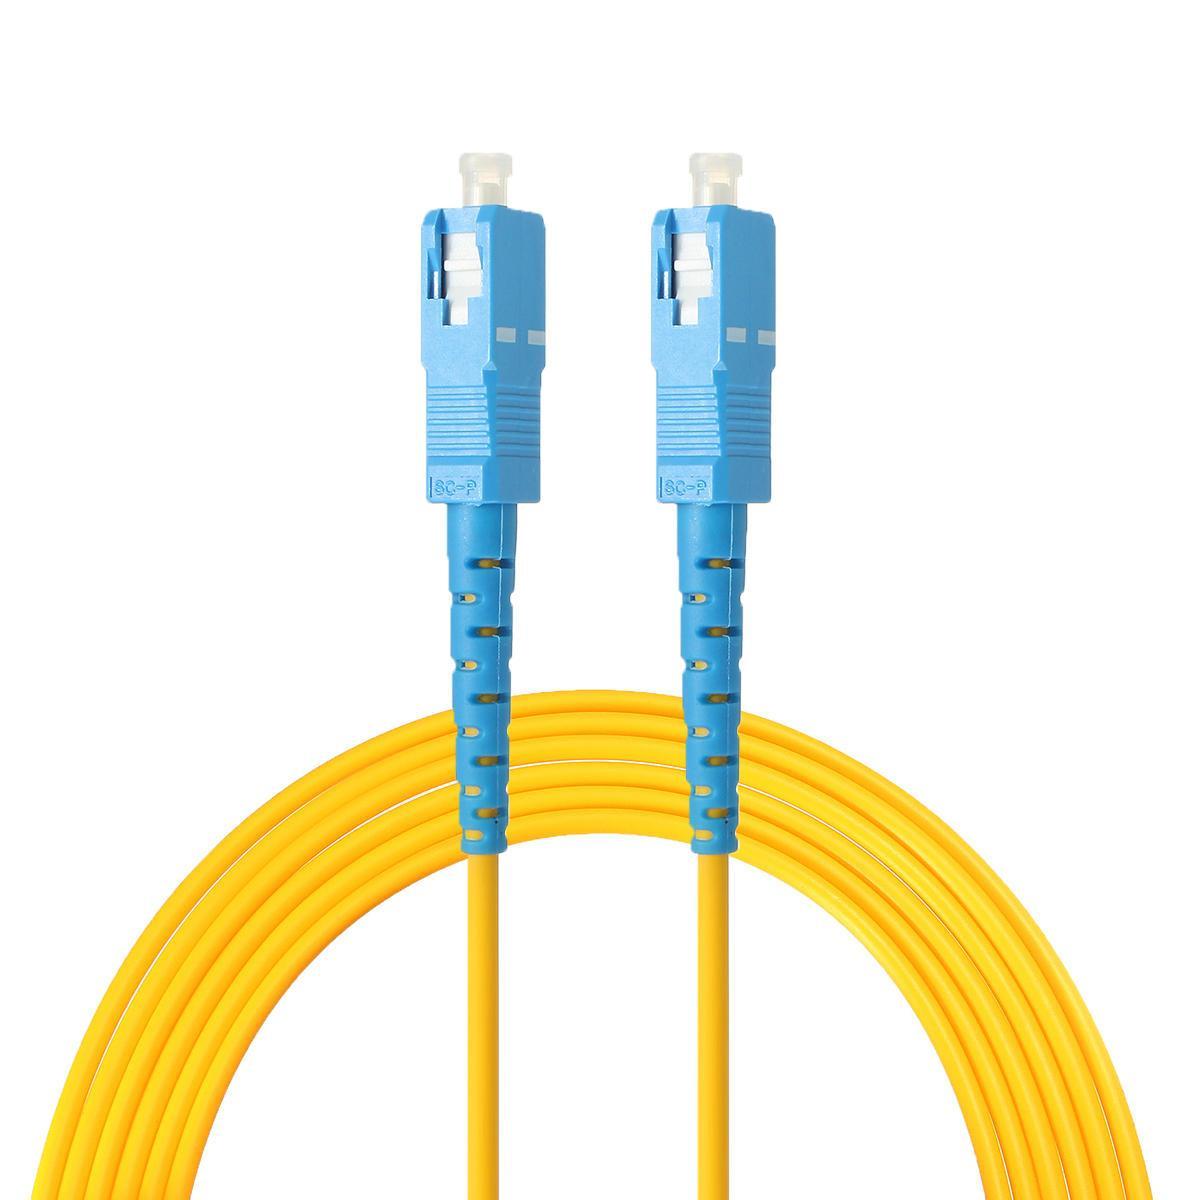 3M SC-SC Одномодовый оптоволоконный патч-кабель . Оптический сетевой кабель